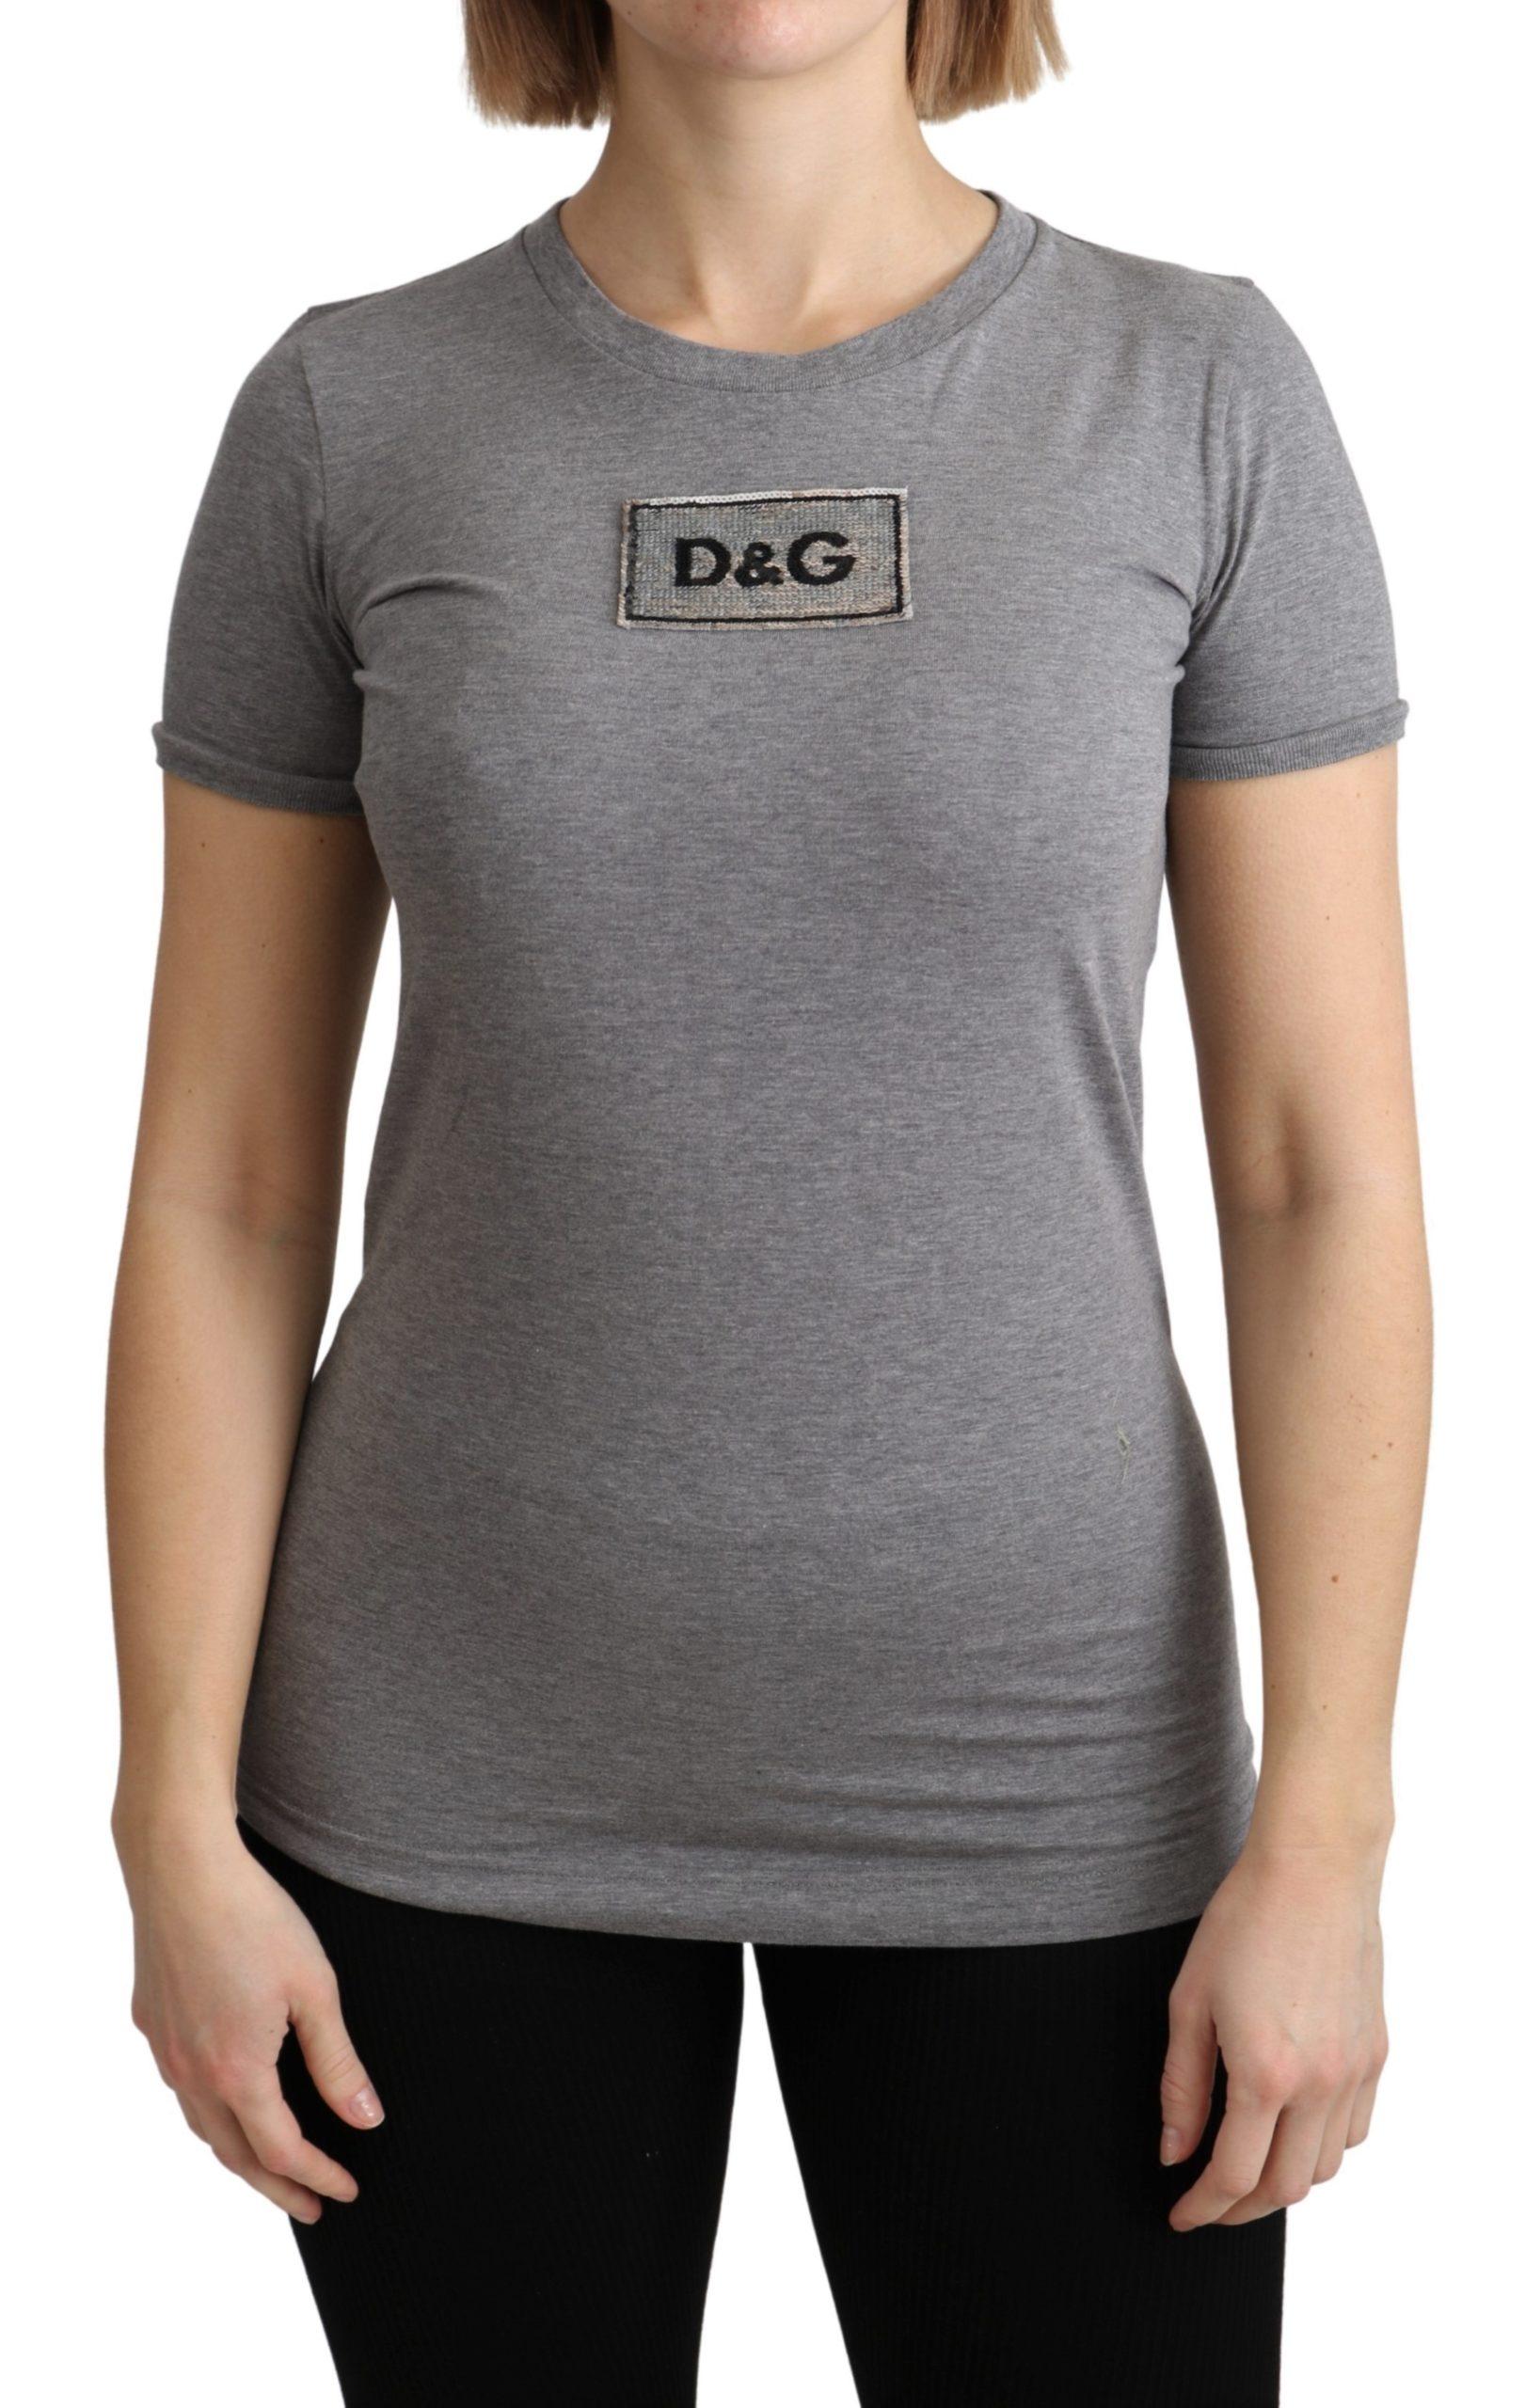 Dolce & Gabbana Women's Cotton Logo Crewneck Top Gray TSH4874 - IT36 | XS